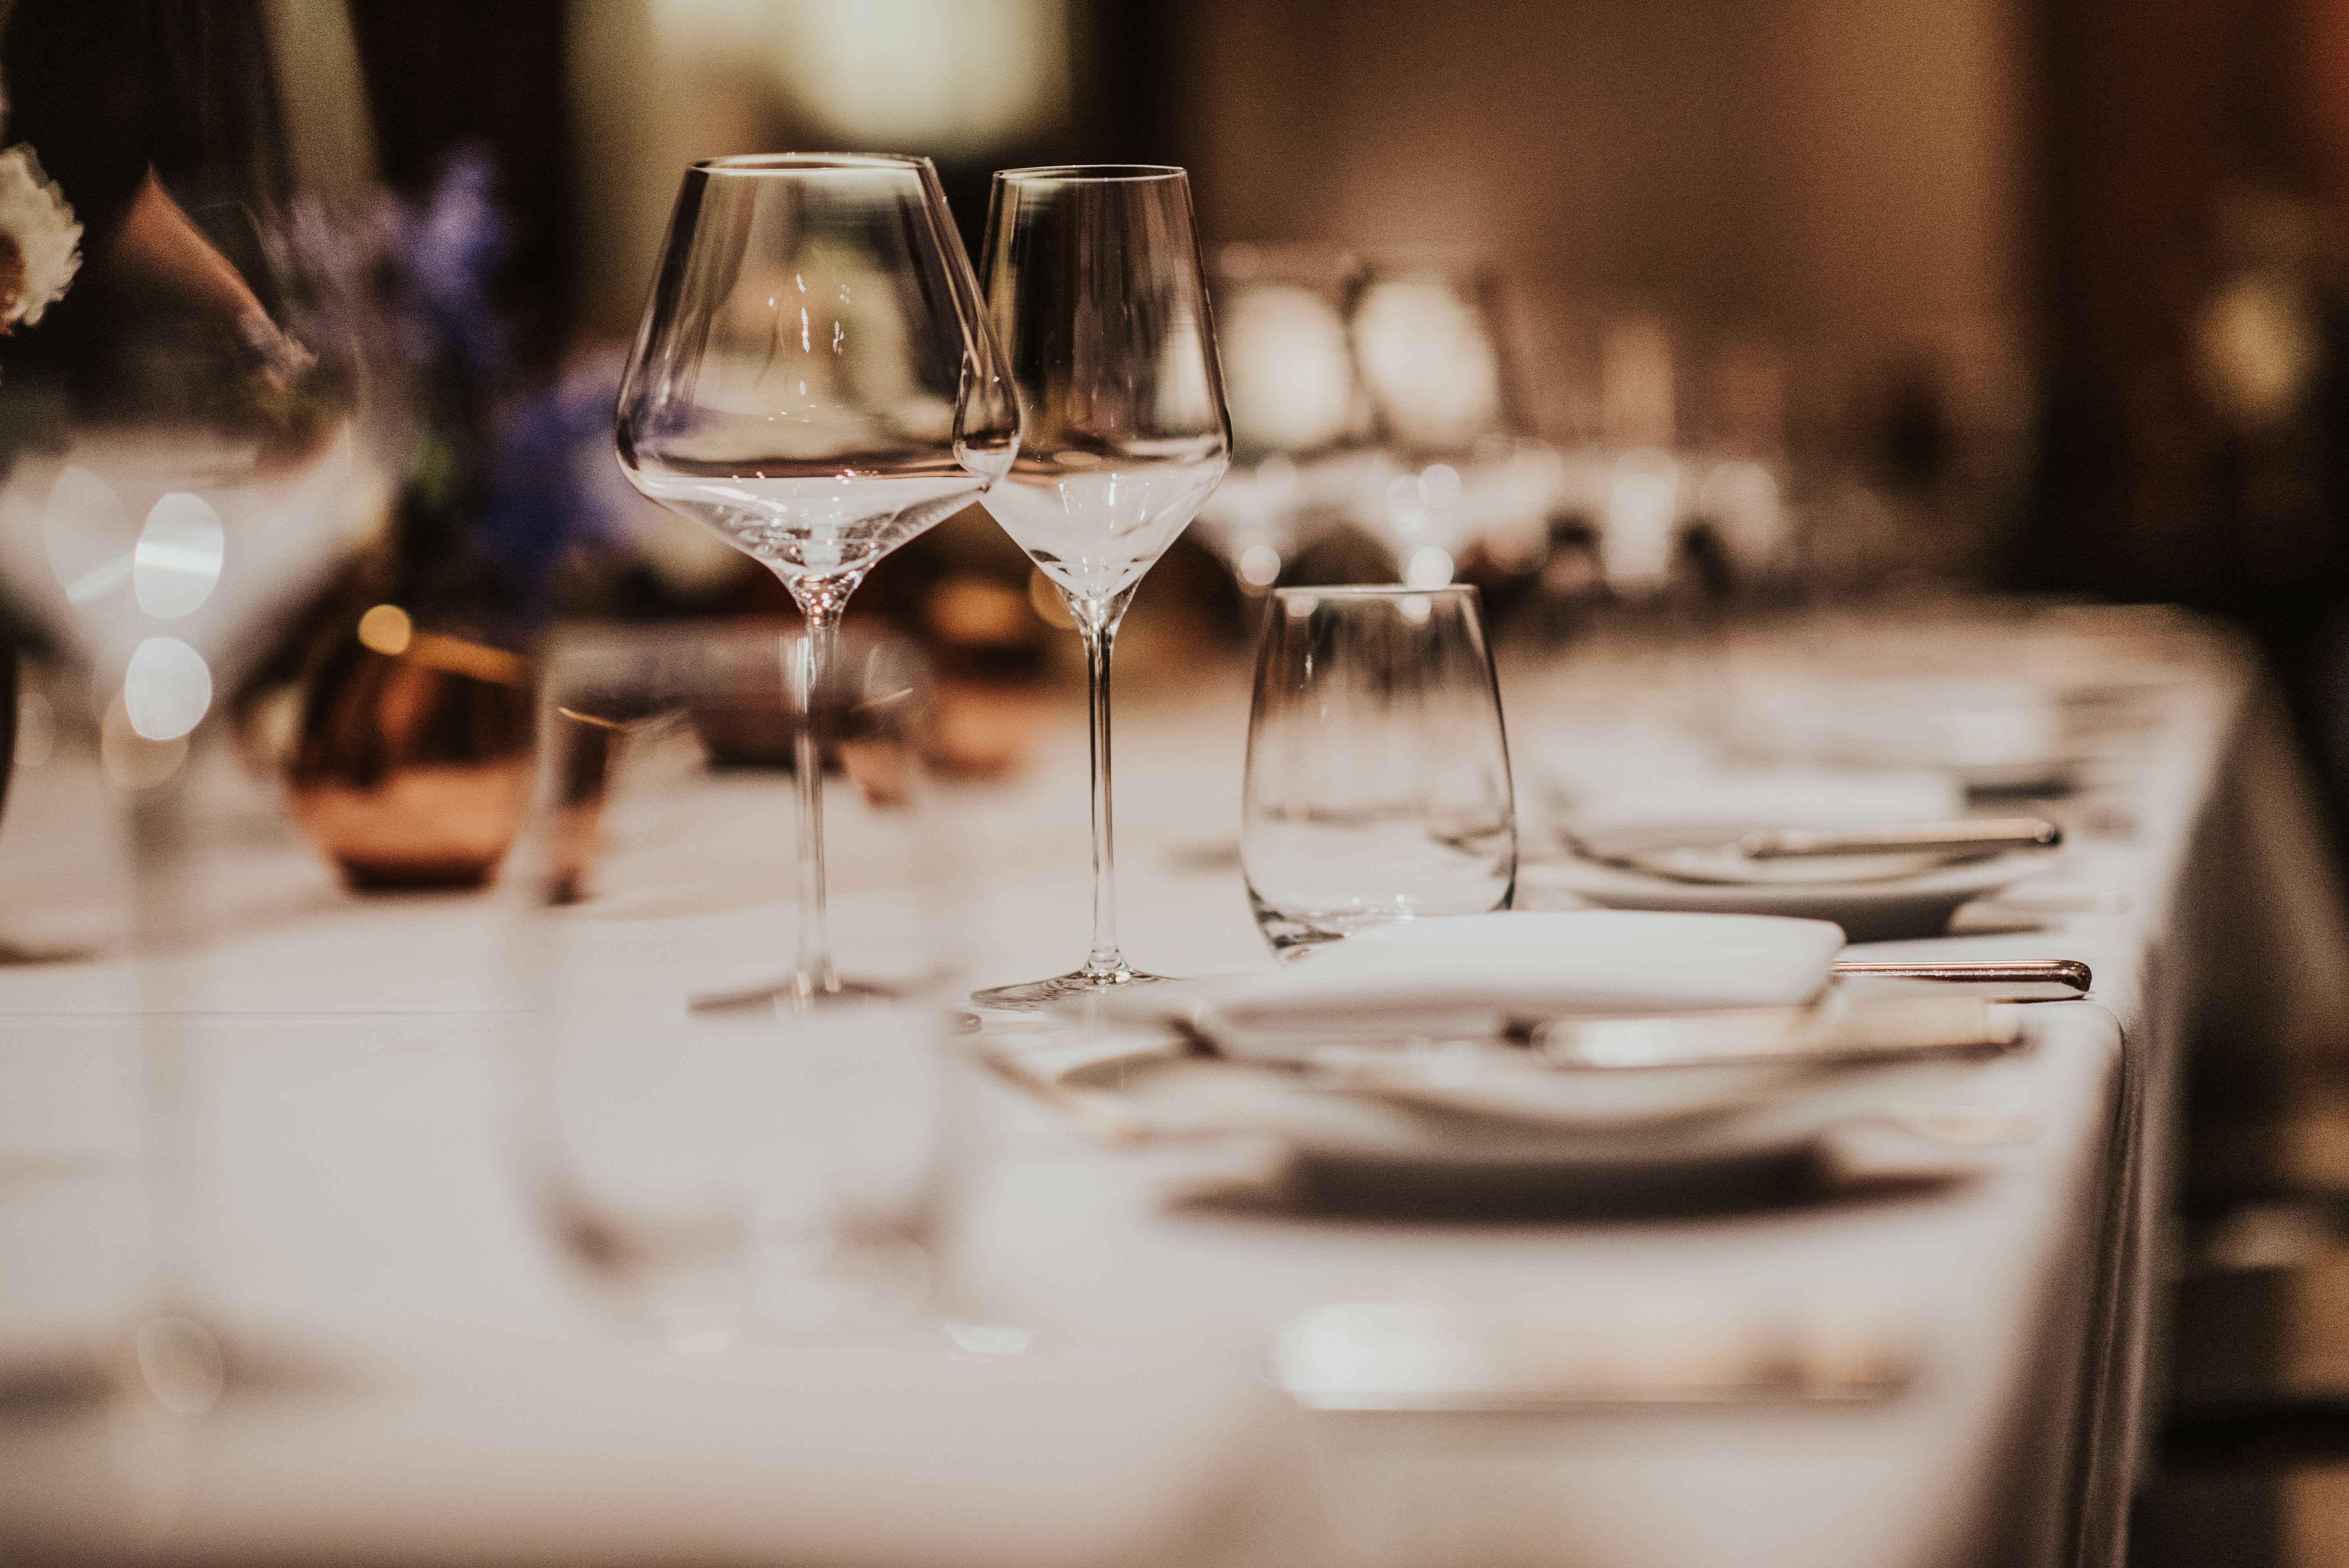 Restaurantes recomendados El Golfo Yaiza